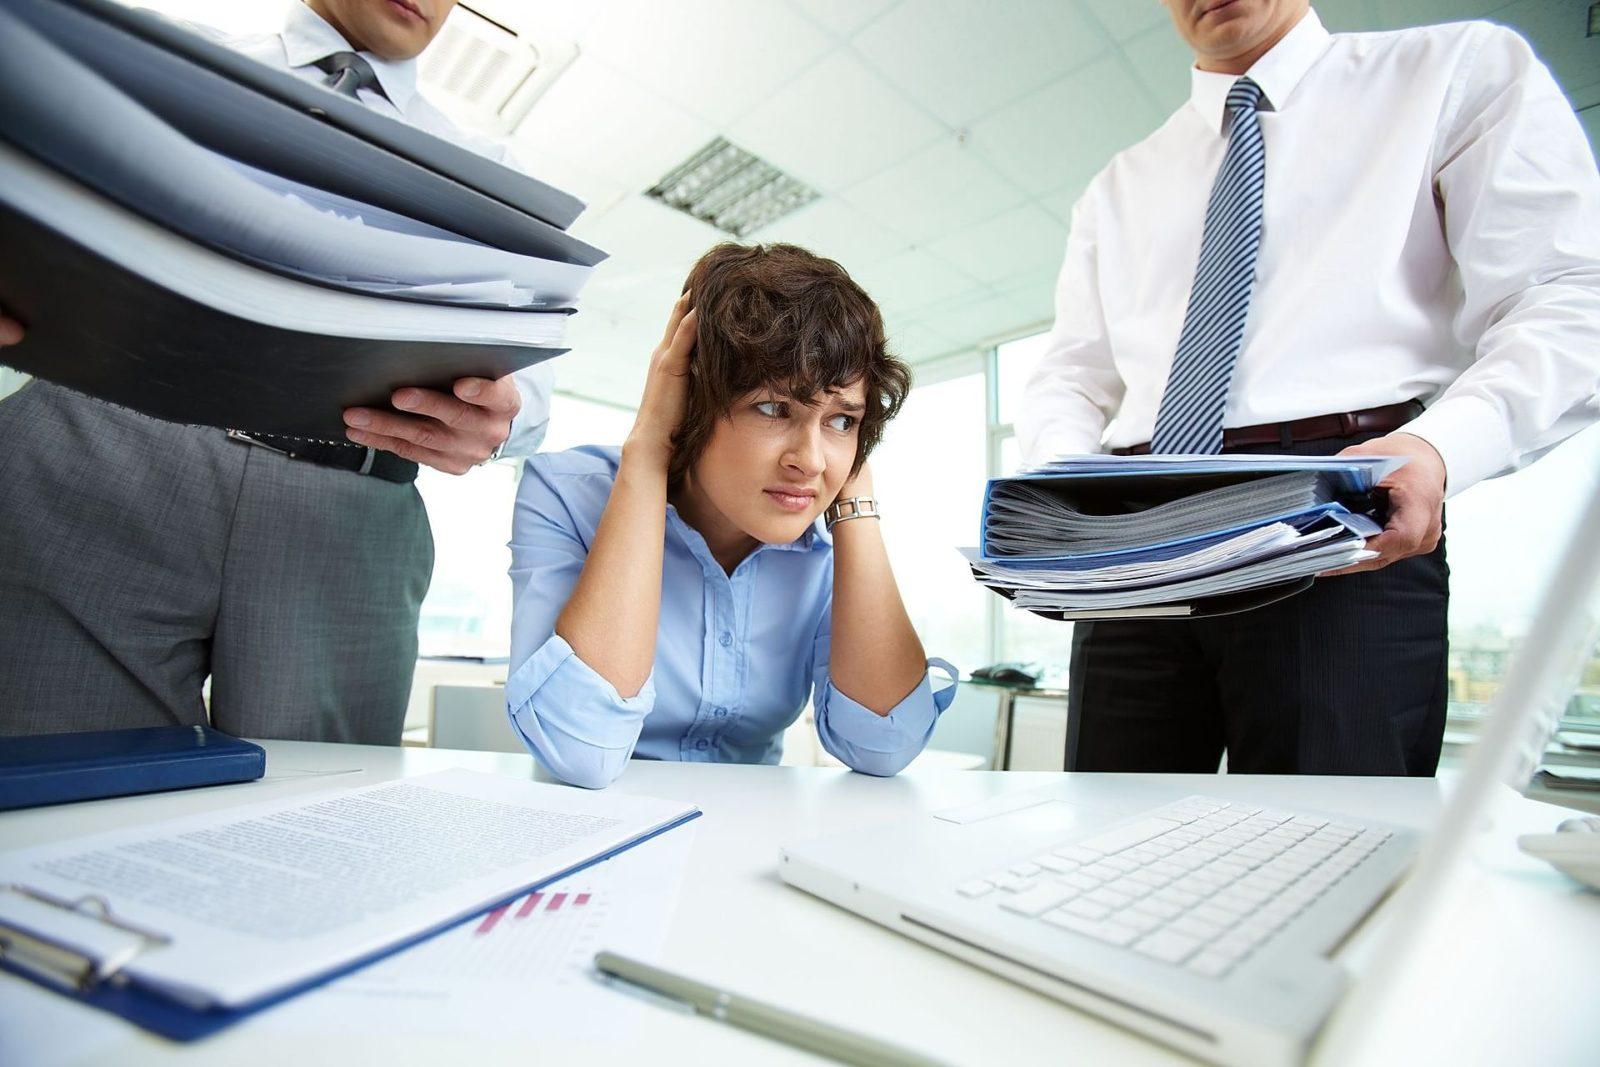 юридическая консультация в трудовой инспекции